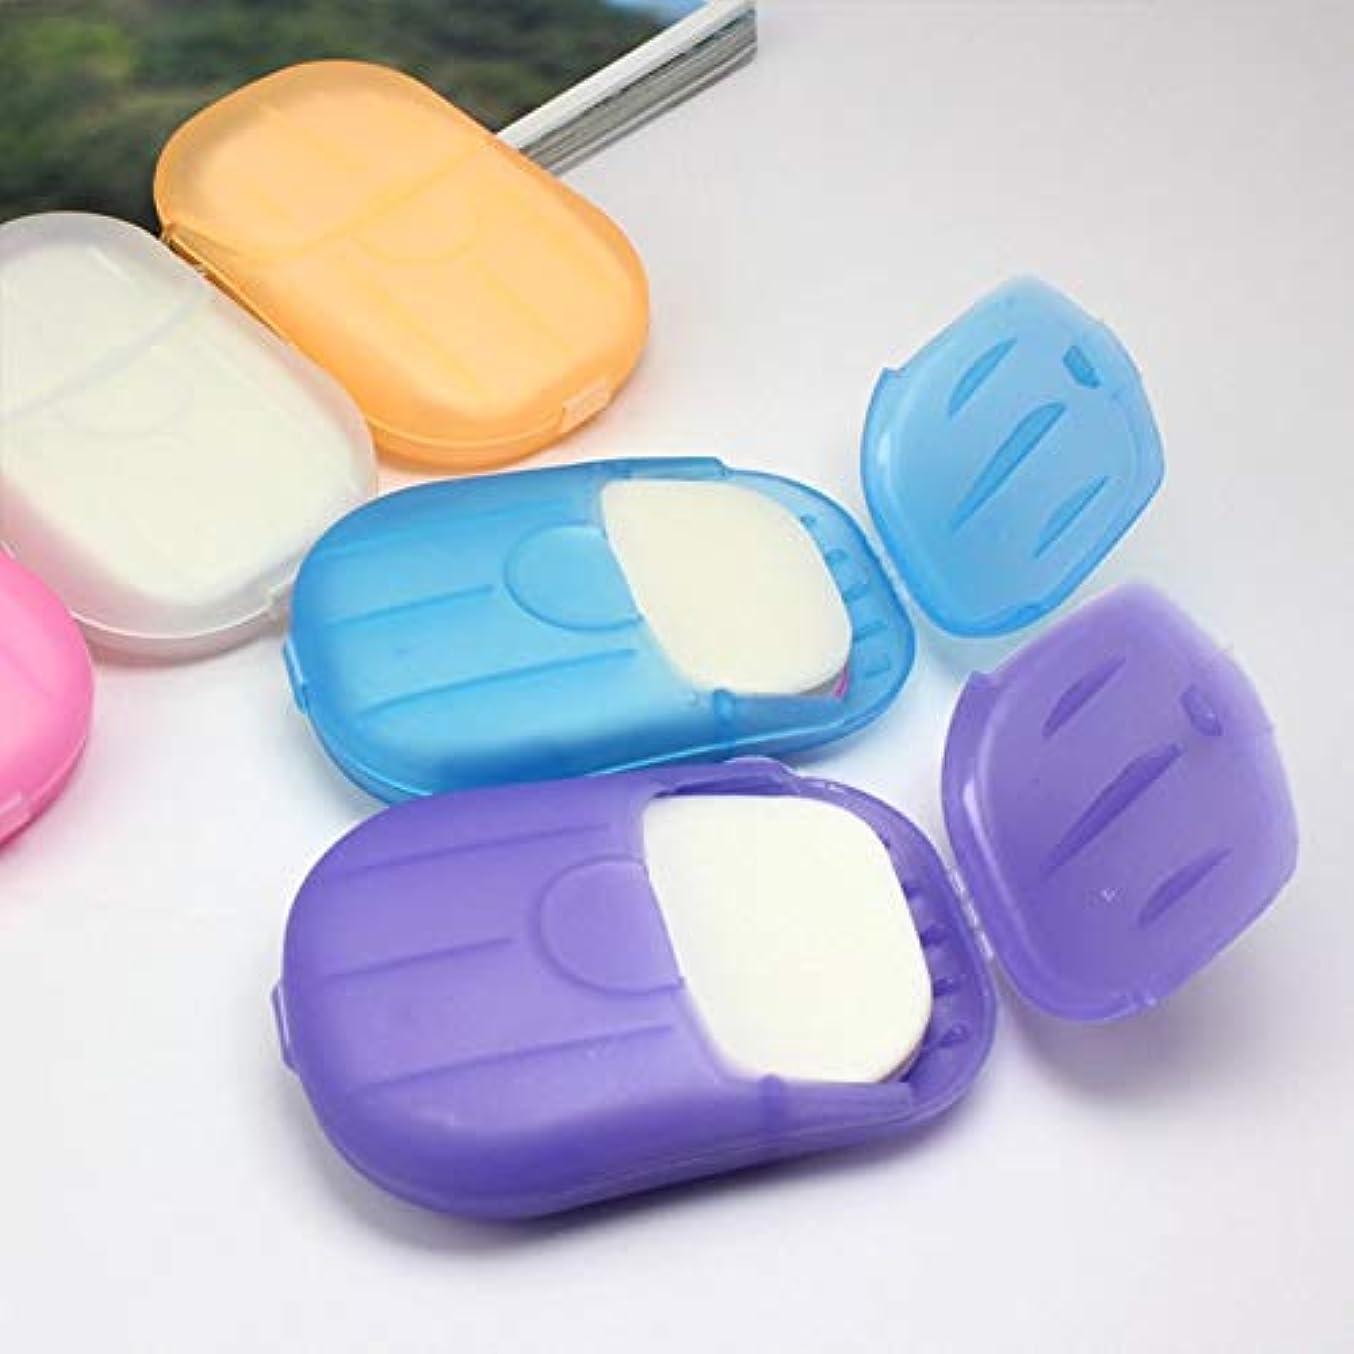 悪意のある委任する氷20 Pcs Paper Soap Outdoor Travel Bath Soap Tablets Portable Hand-washing